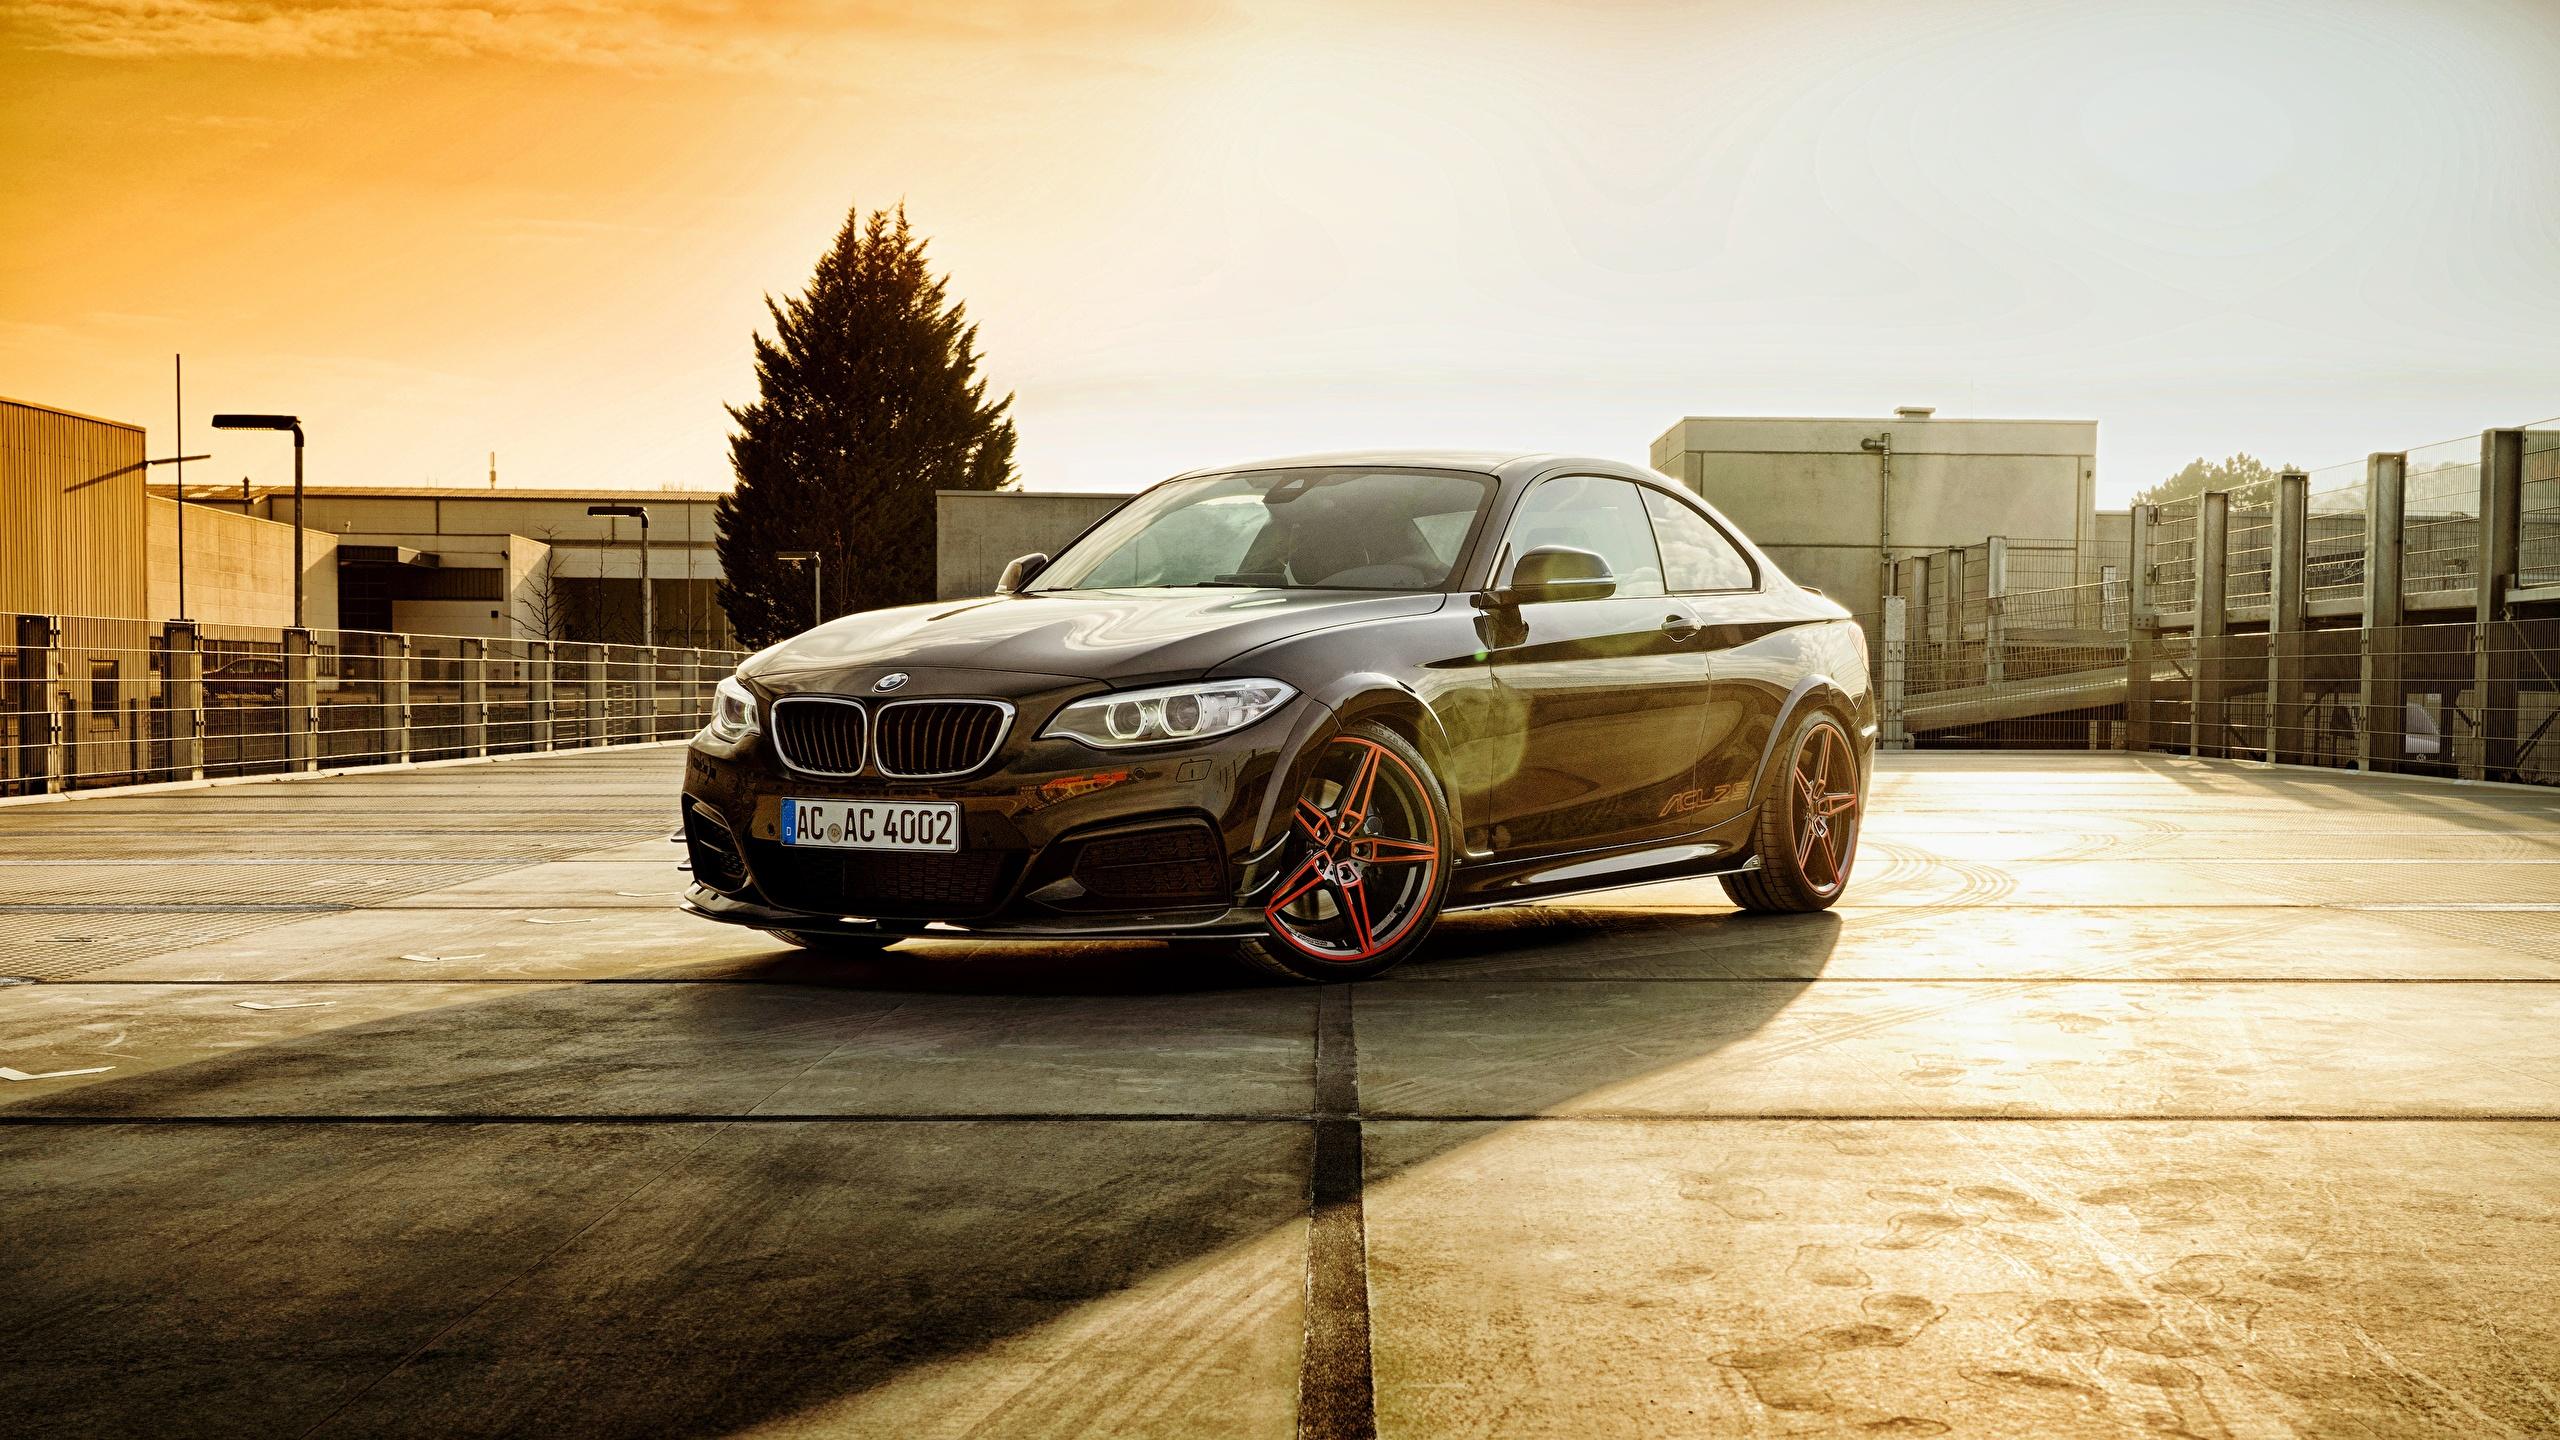 Фотографии BMW F22, 2-Series Купе Автомобили 2560x1440 БМВ авто машины машина автомобиль